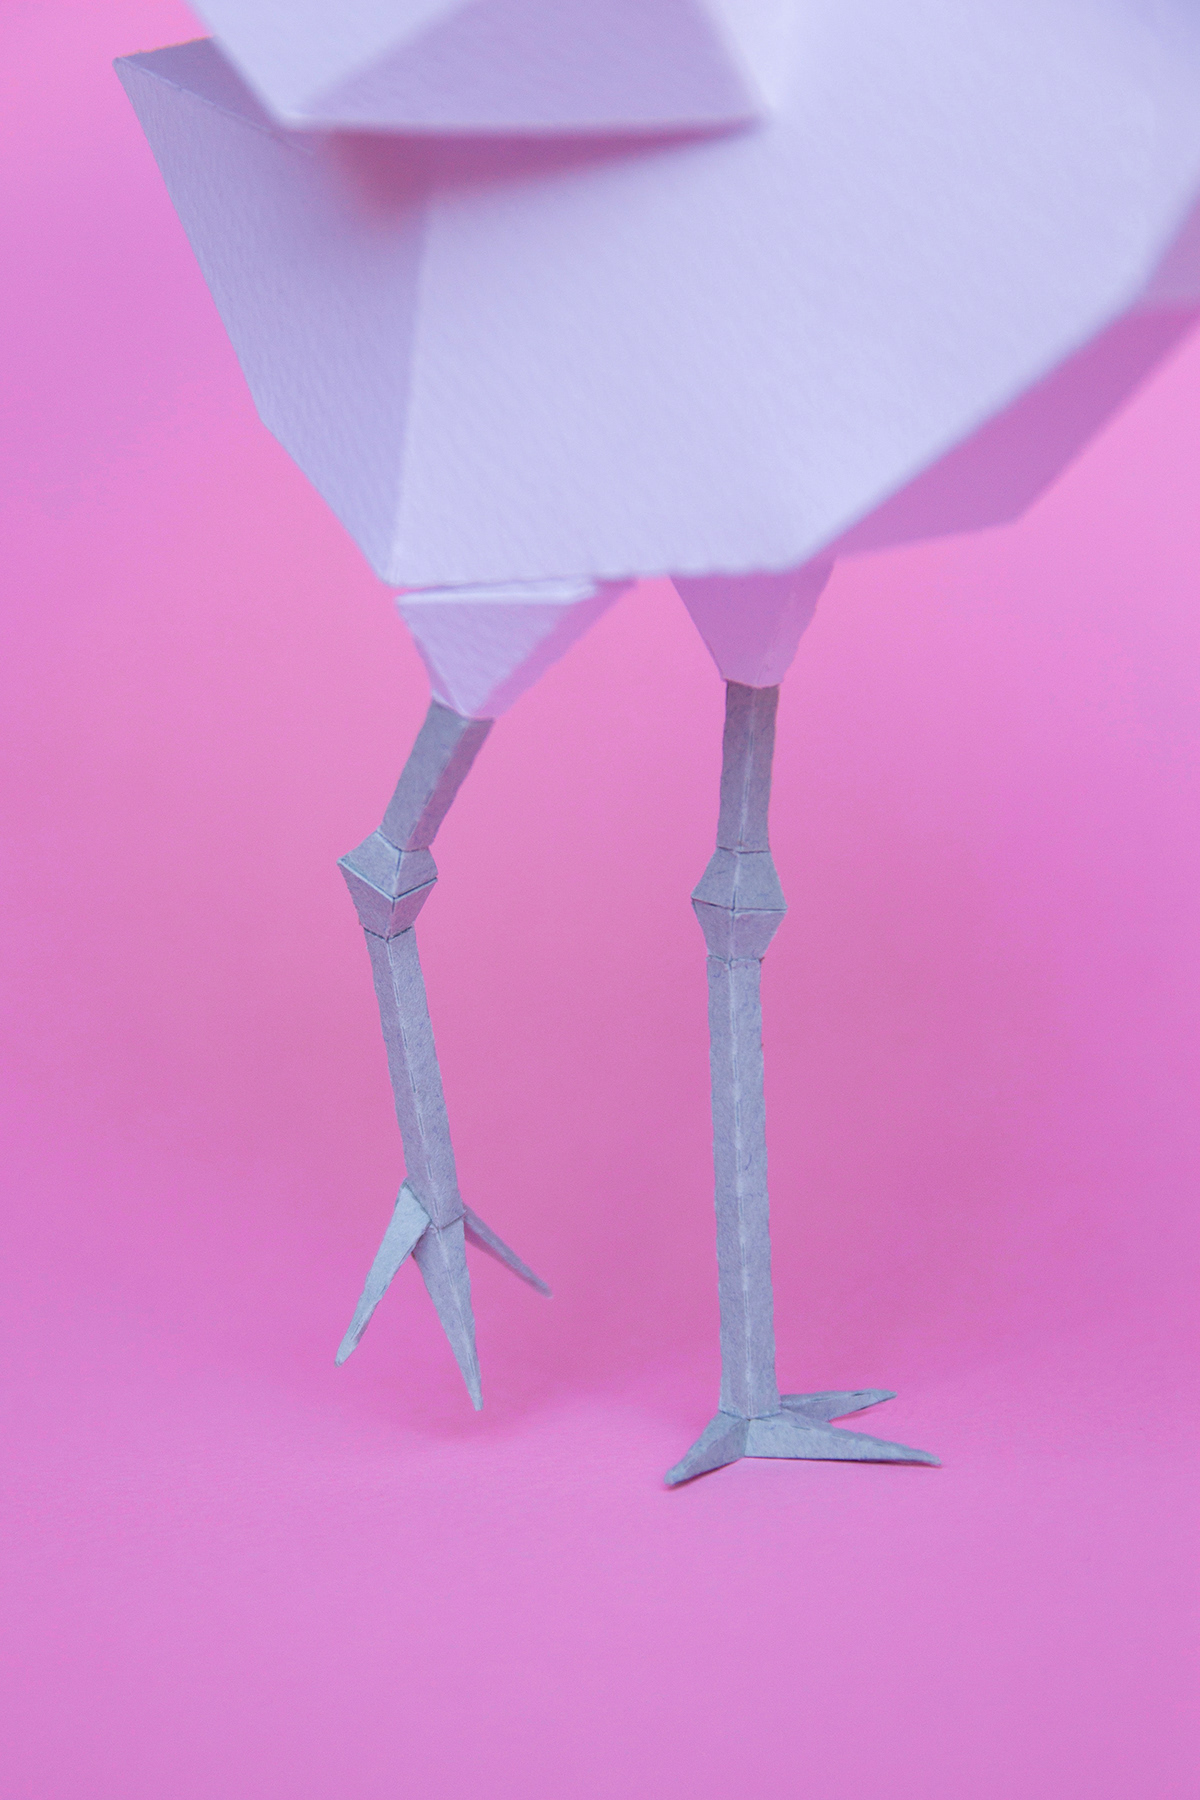 paper craft guardabosques yaniguille typedesign meerkat crane Bumblebee